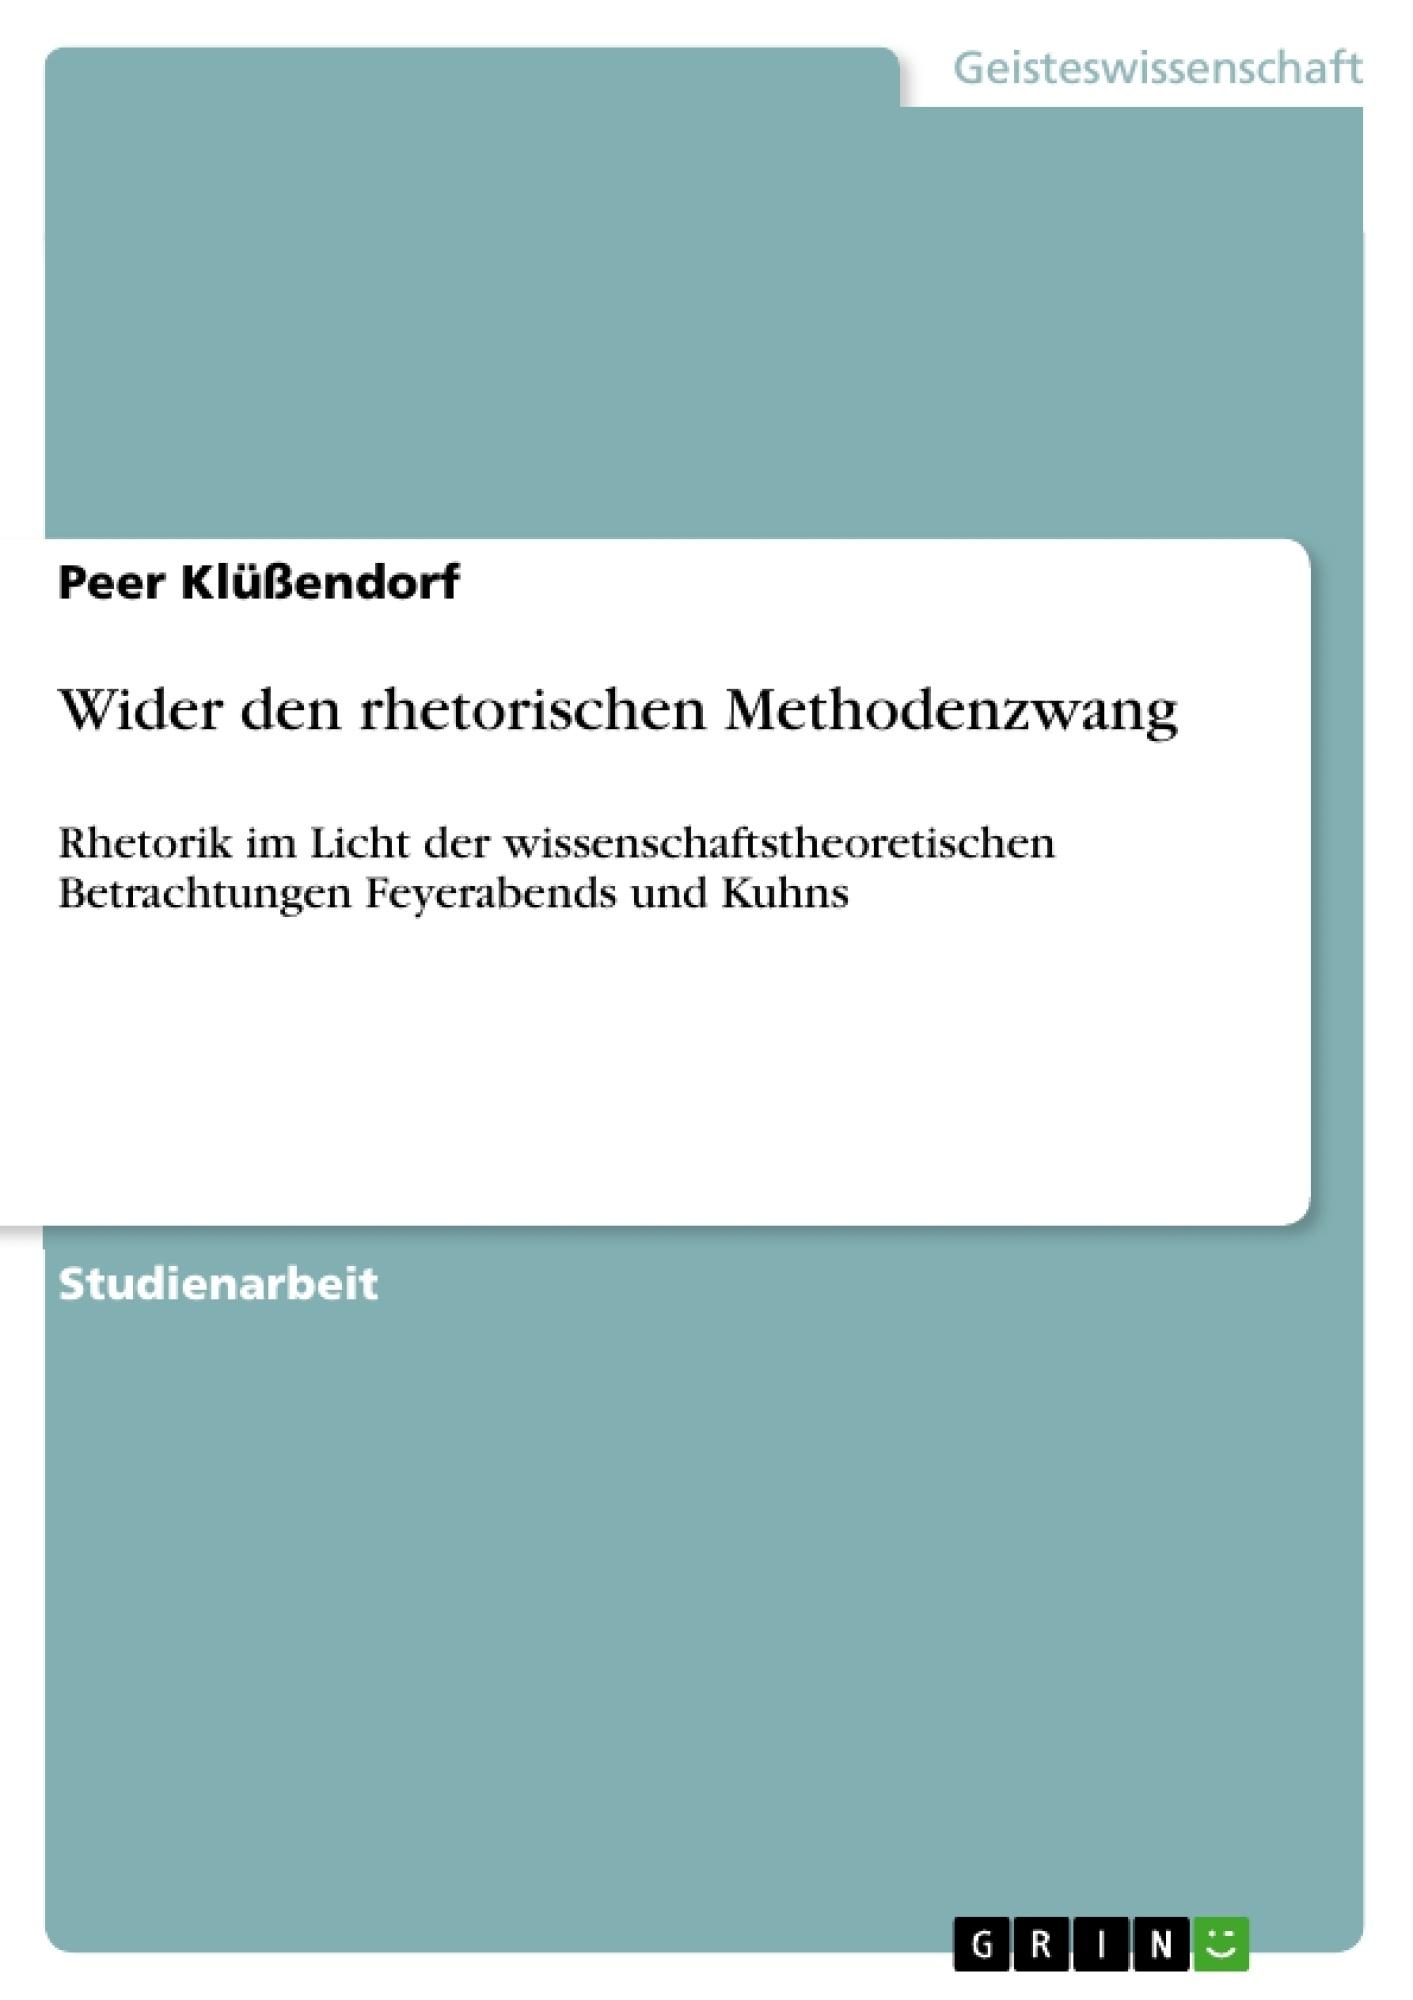 Titel: Wider den rhetorischen Methodenzwang